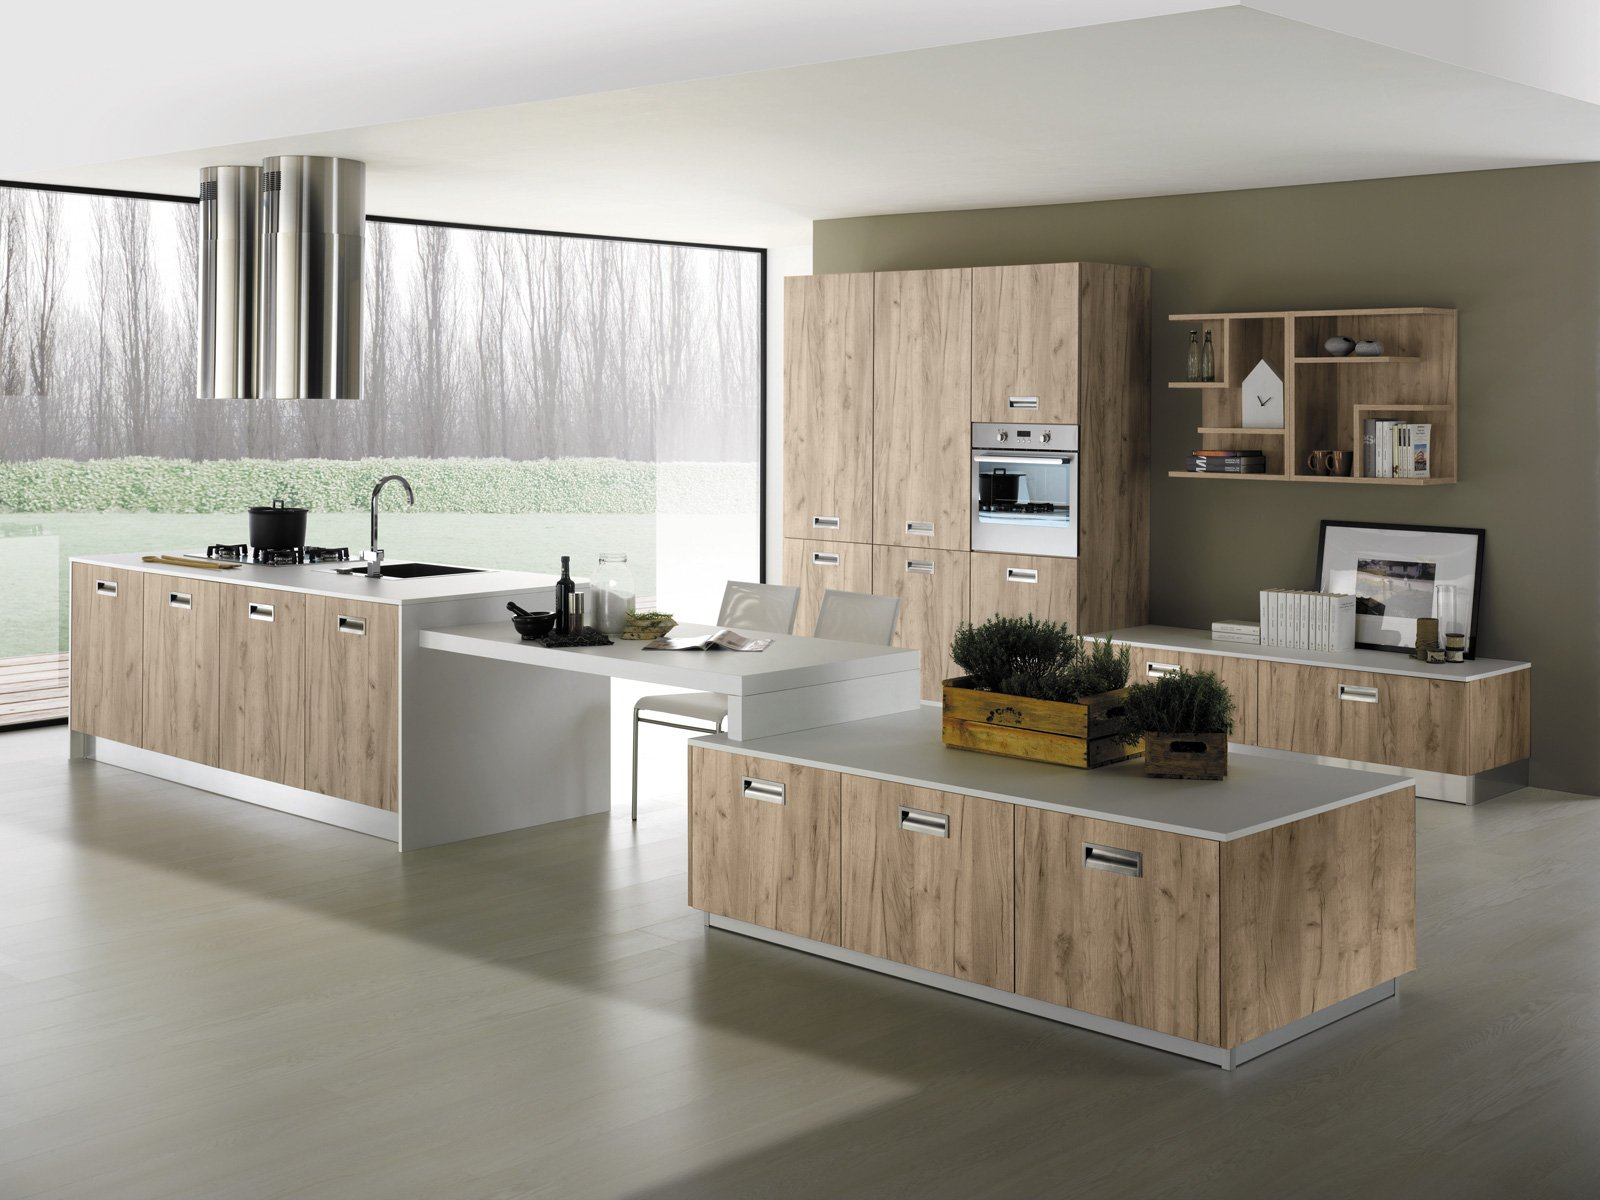 unisola dalla forma insolita per nevada di mobilturi la cucina in rovere grigio disponibile